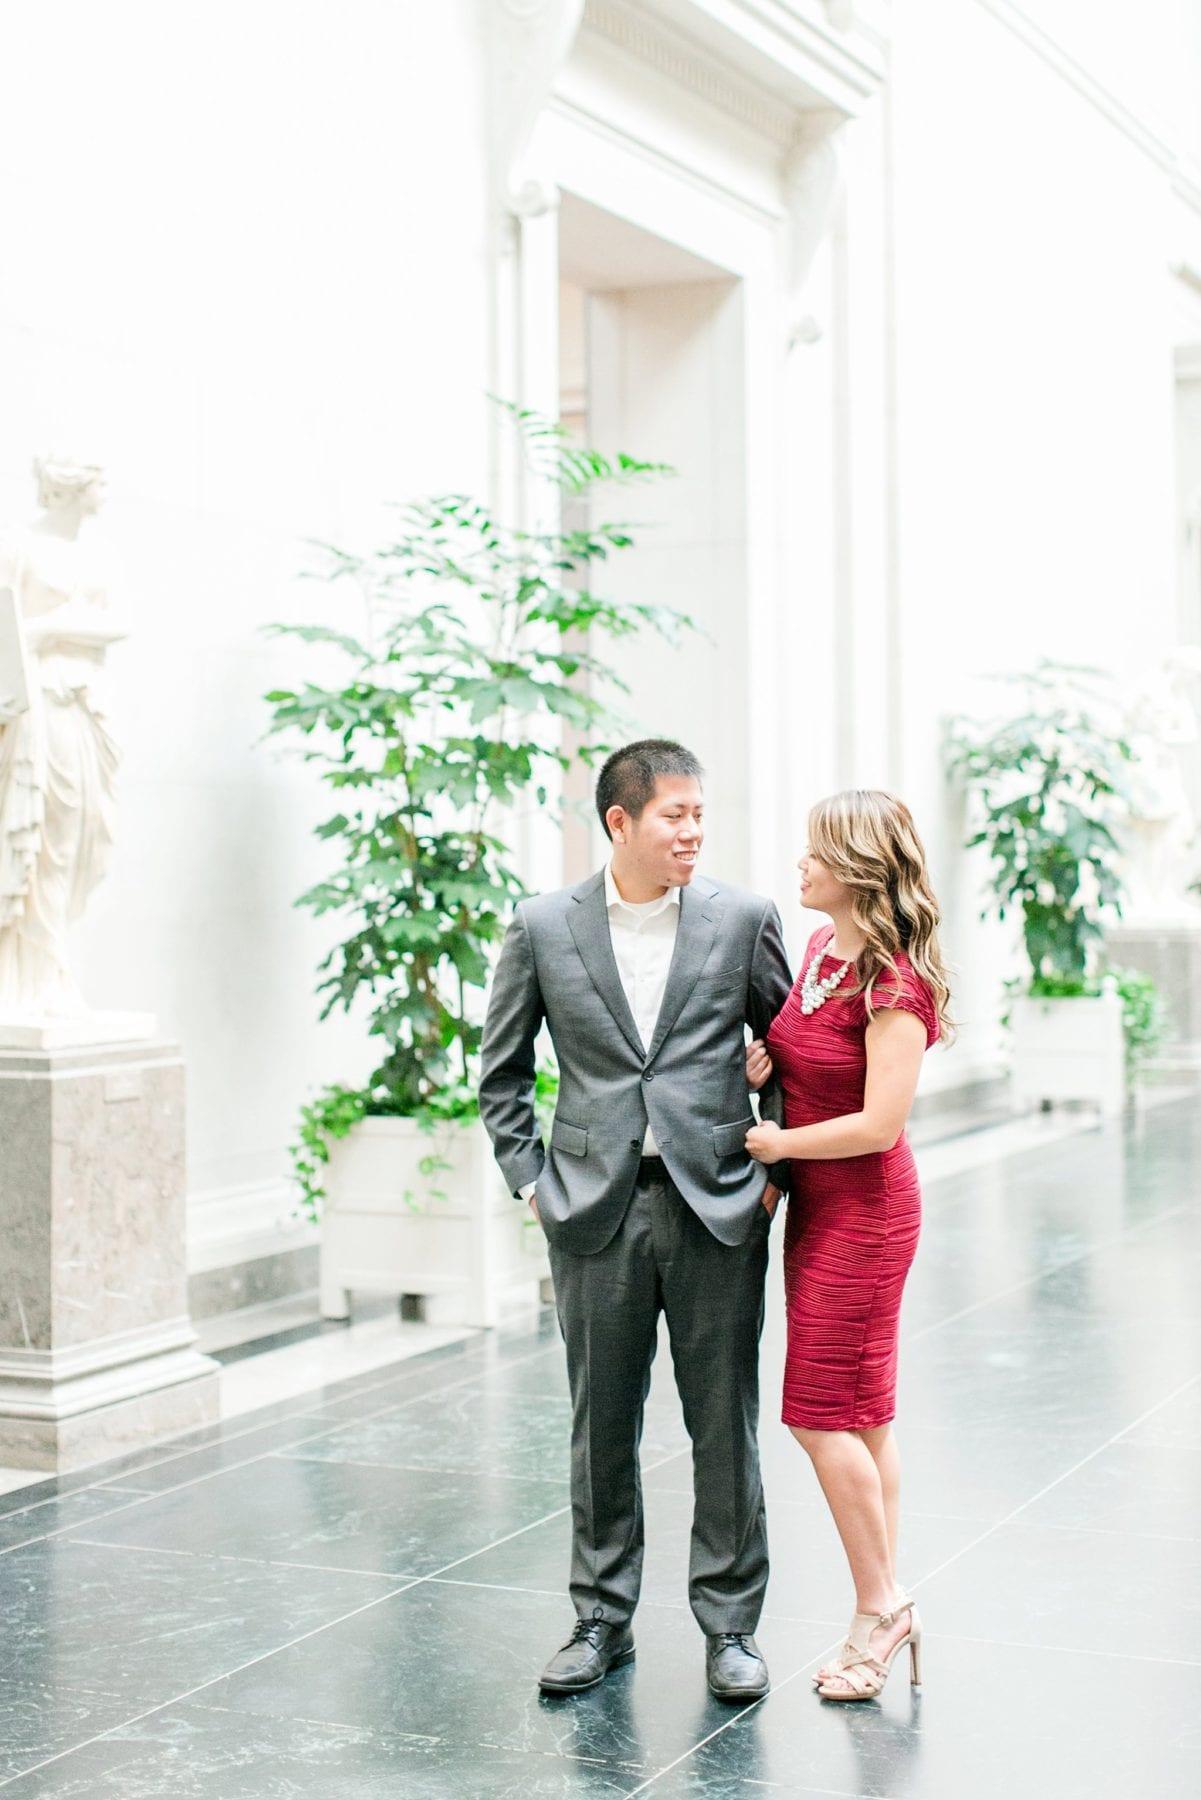 National Gallery of Art Engagement Photos Megan Kelsey Photography Washington DC Wedding Photographer Sy-yu & Anthony-108.jpg